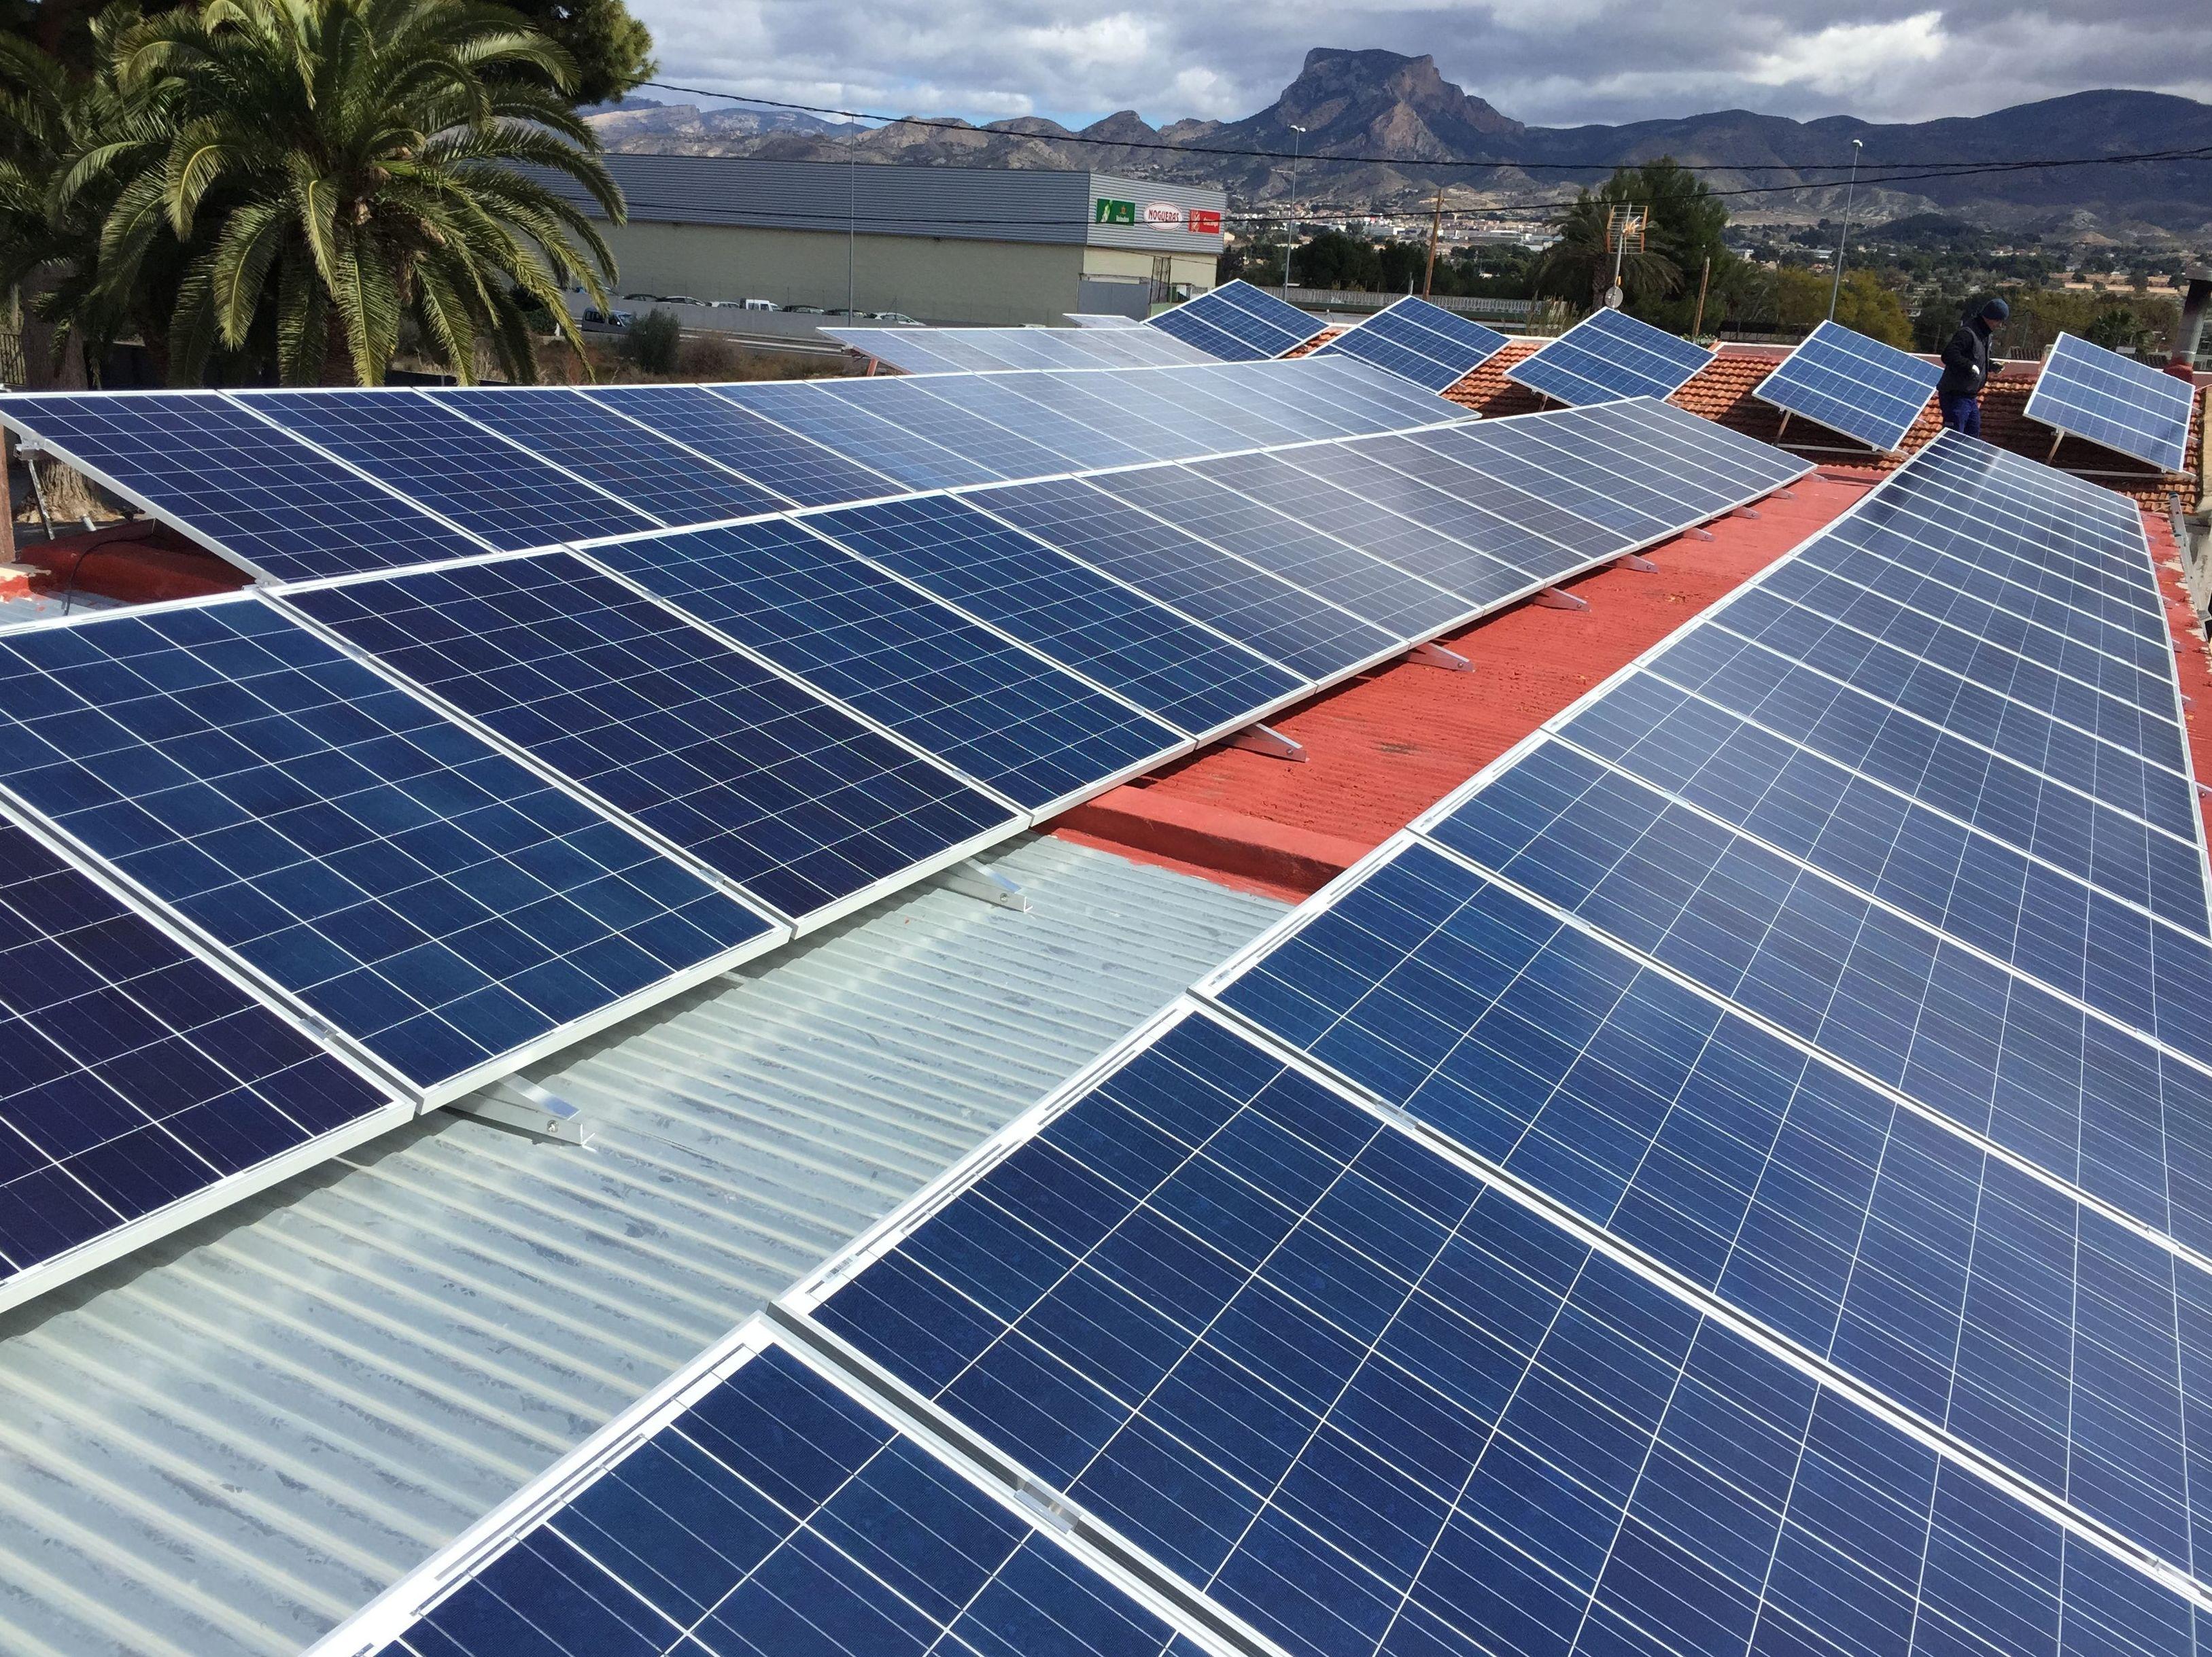 instalación 80 placas solares de 250w